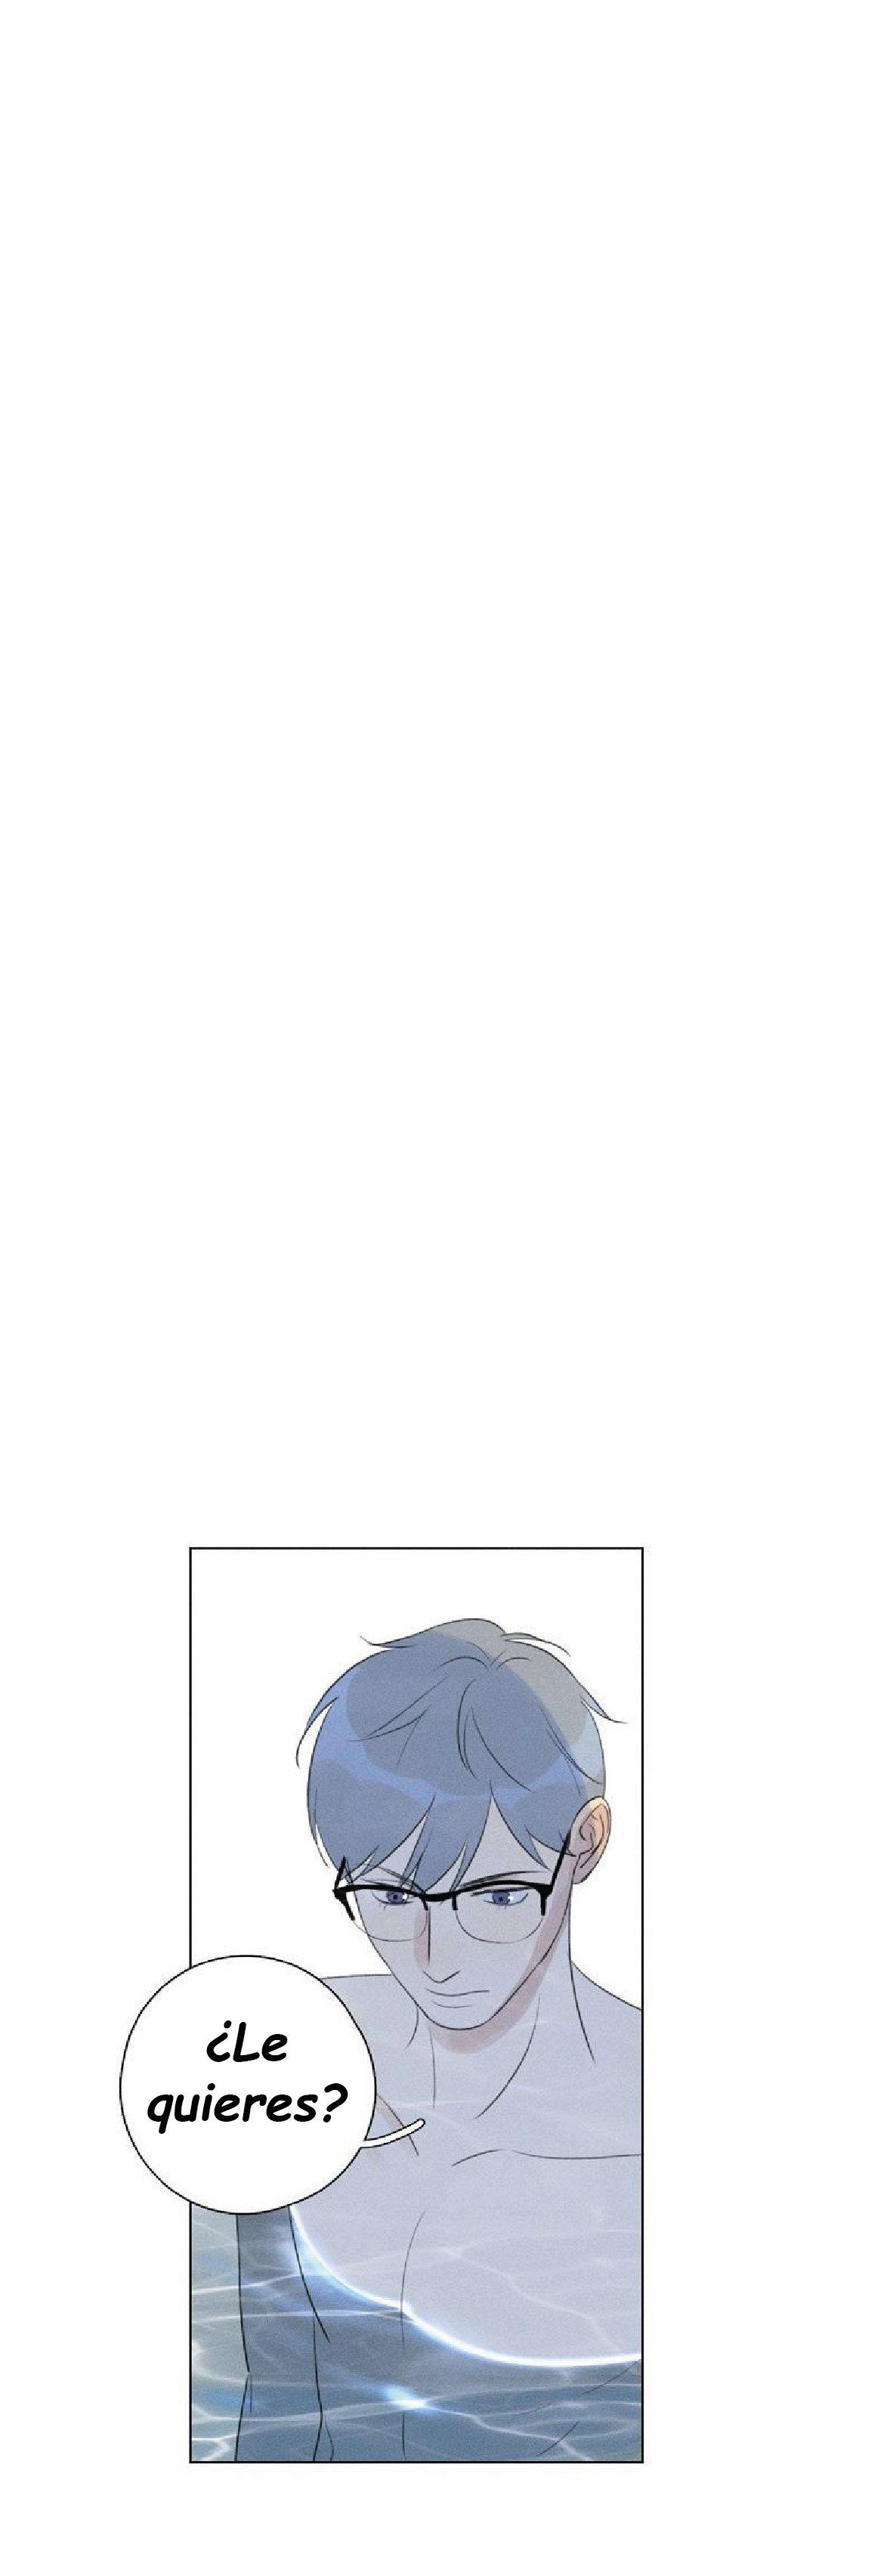 https://nine.mangadogs.com/es_manga/pic8/29/24925/957375/ae8cc0d980971a1b82ef5f66774733d3.jpg Page 9